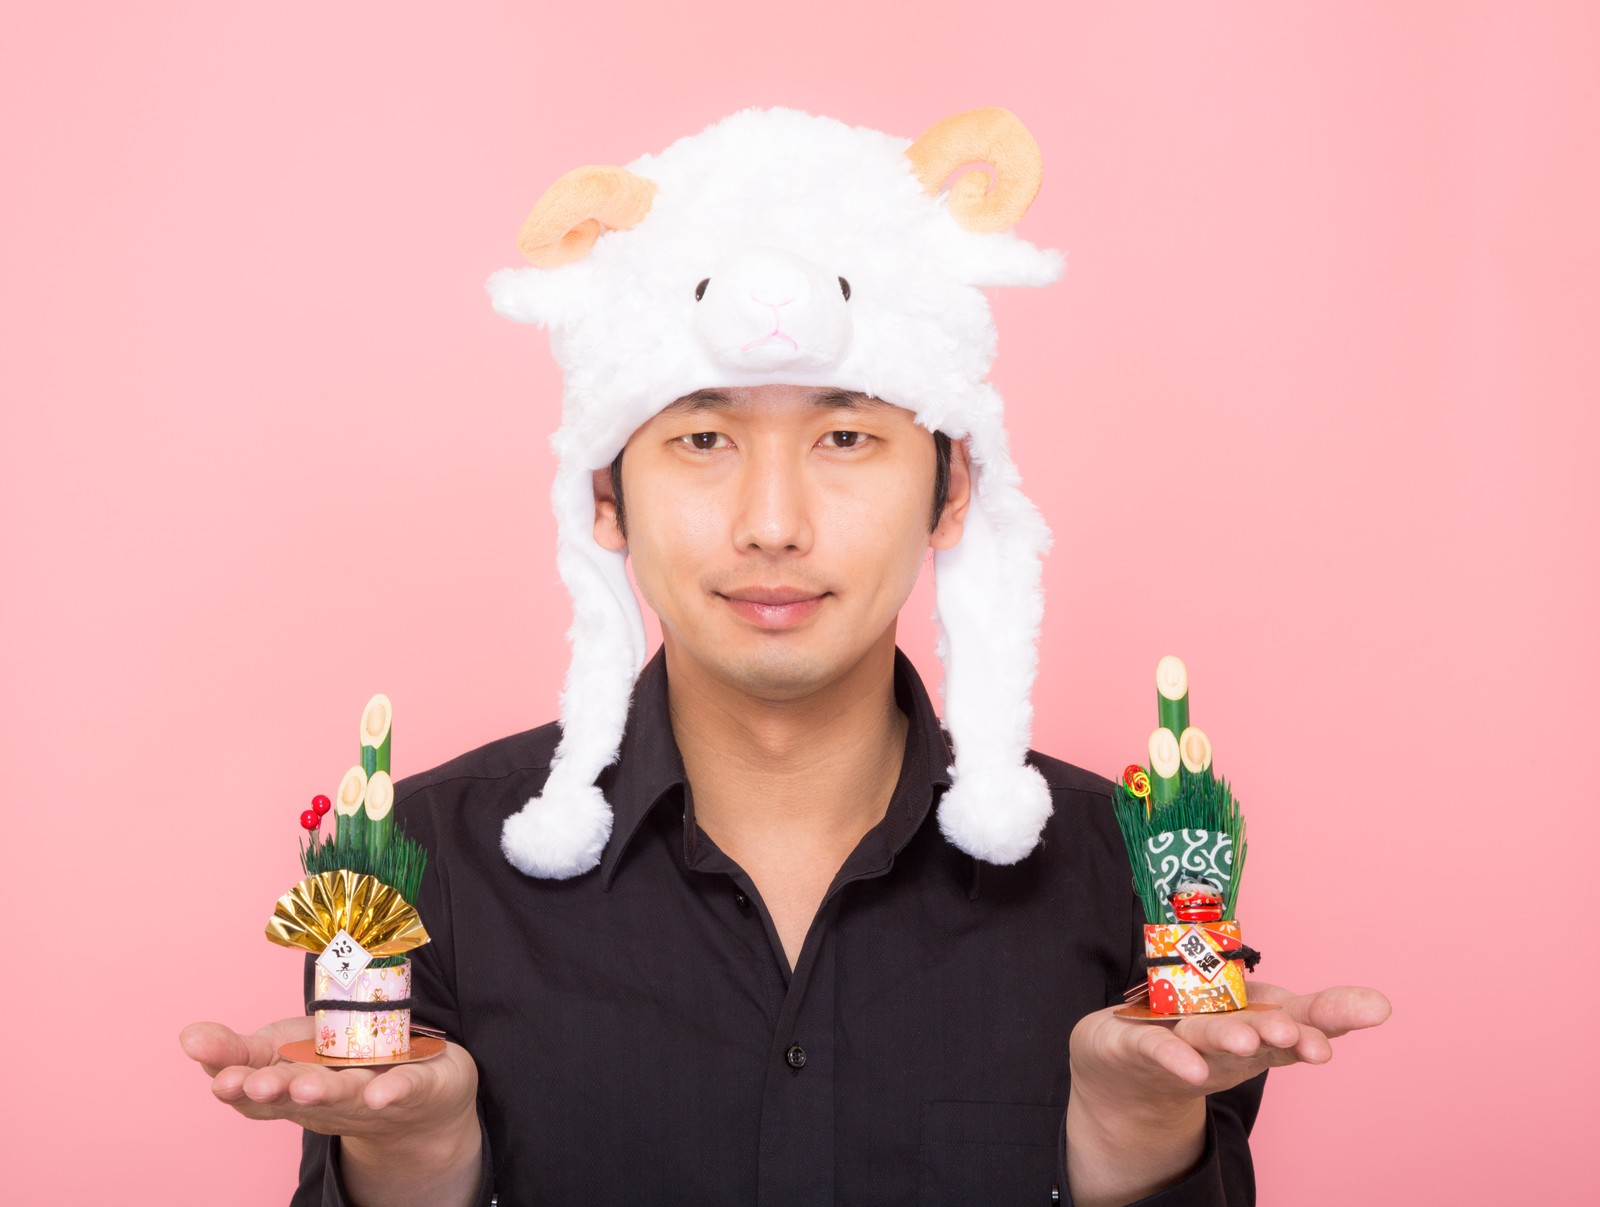 「新年!門松を両手に持った羊帽をかぶった男性」の写真[モデル:大川竜弥]